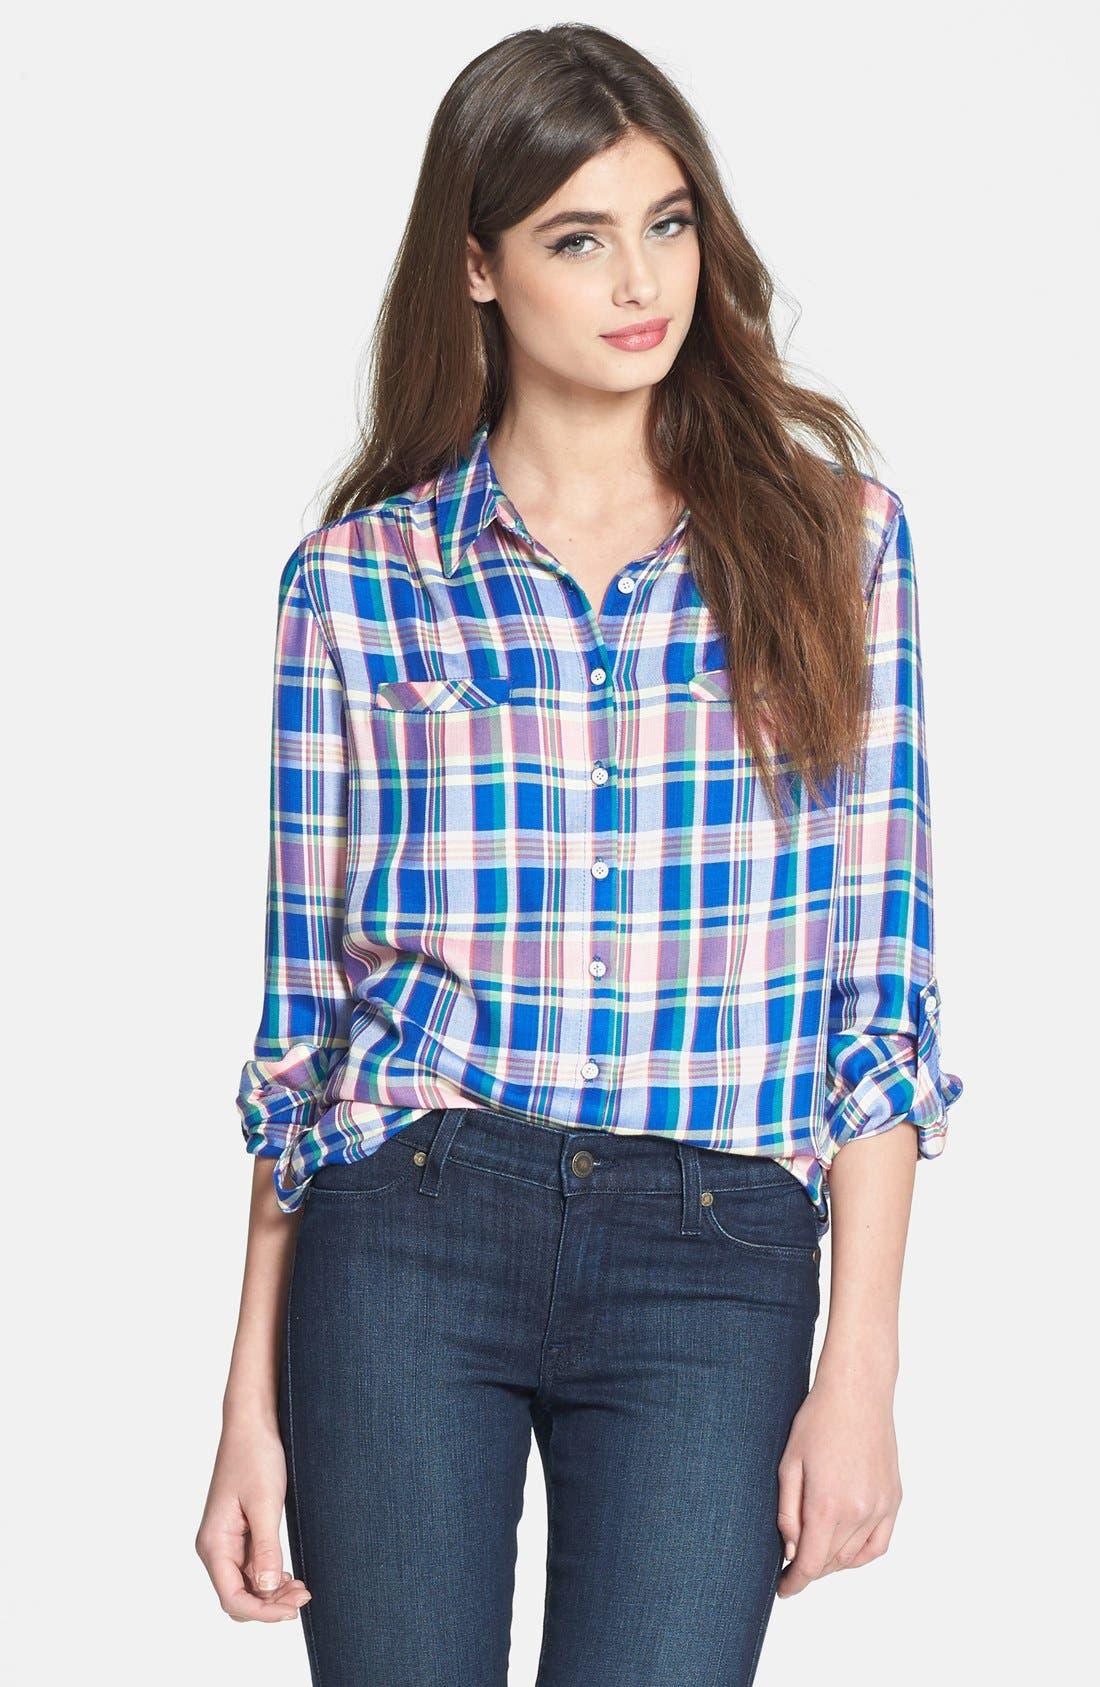 Alternate Image 1 Selected - C & C California Welt Pocket Plaid Tunic Shirt